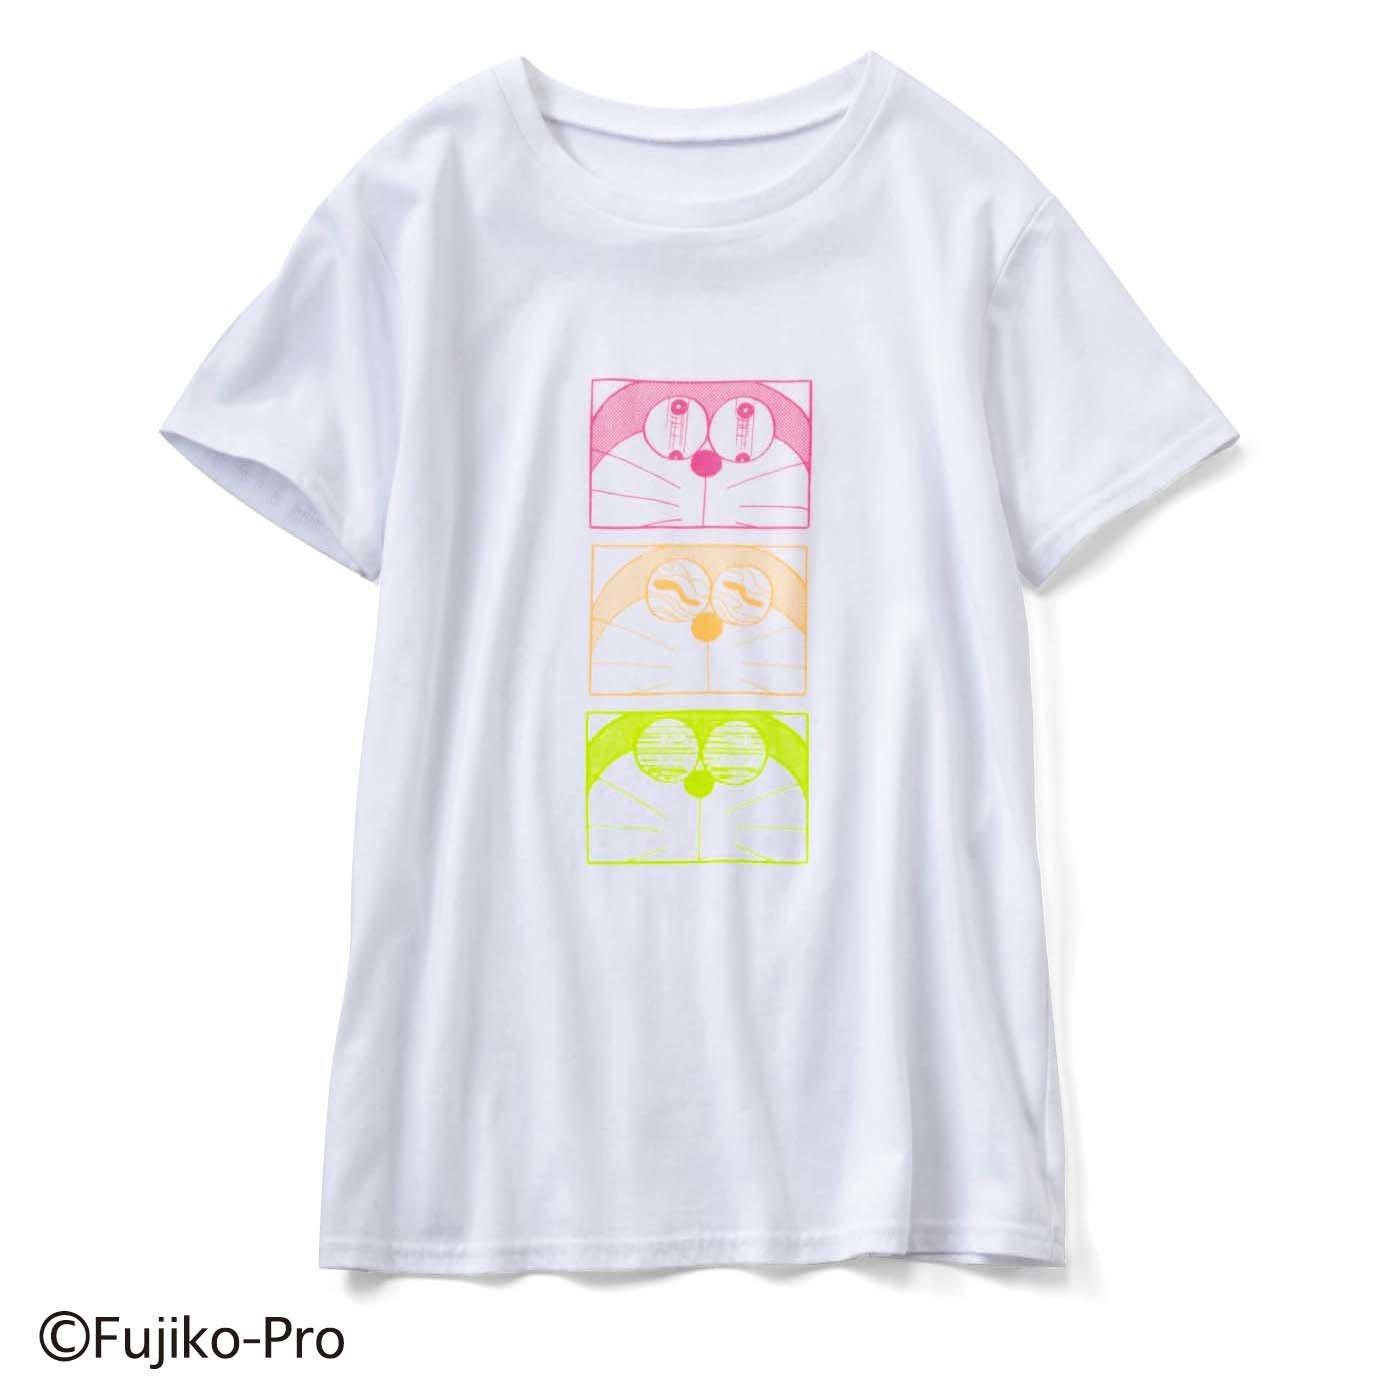 【3~10日でお届け】ドラえもん いろんな表情が楽しい プリントTシャツ